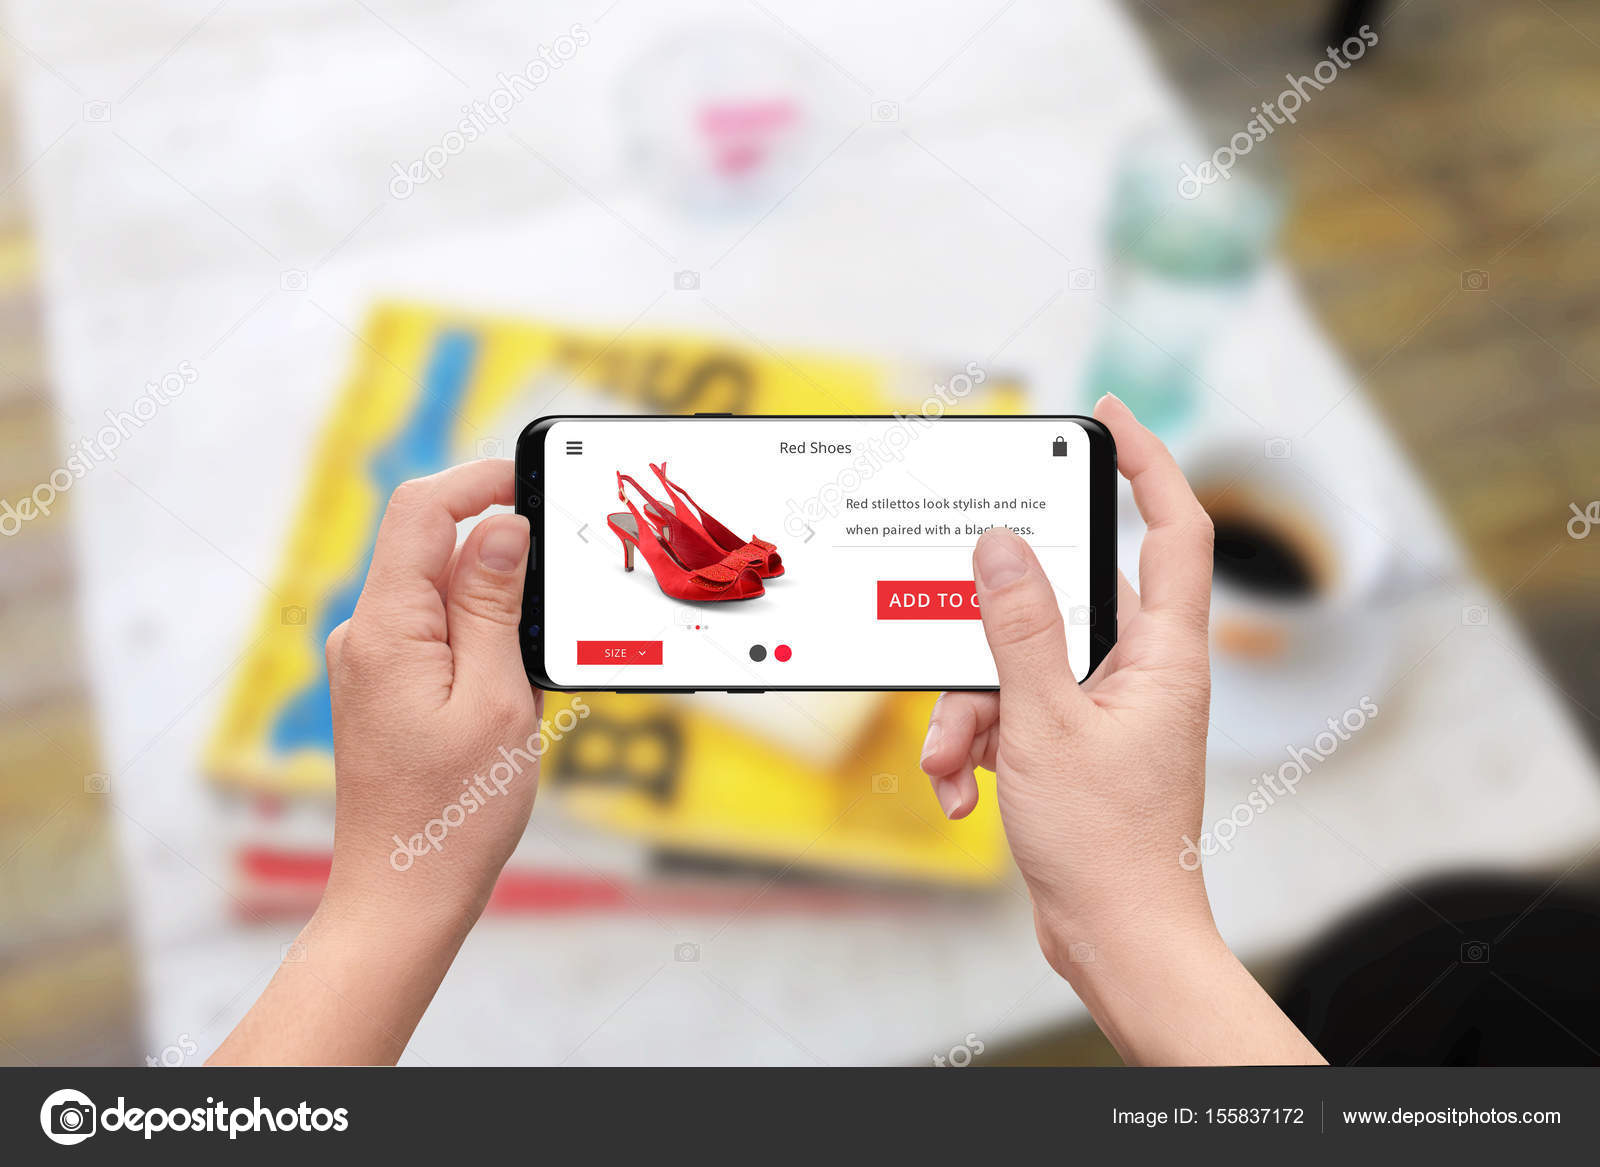 9f45bac57 Mulher comprar online sapatos vermelhos de telefone inteligente. Site loja  responsivo com Adicionar botão de carrinho — Fotografia por ...